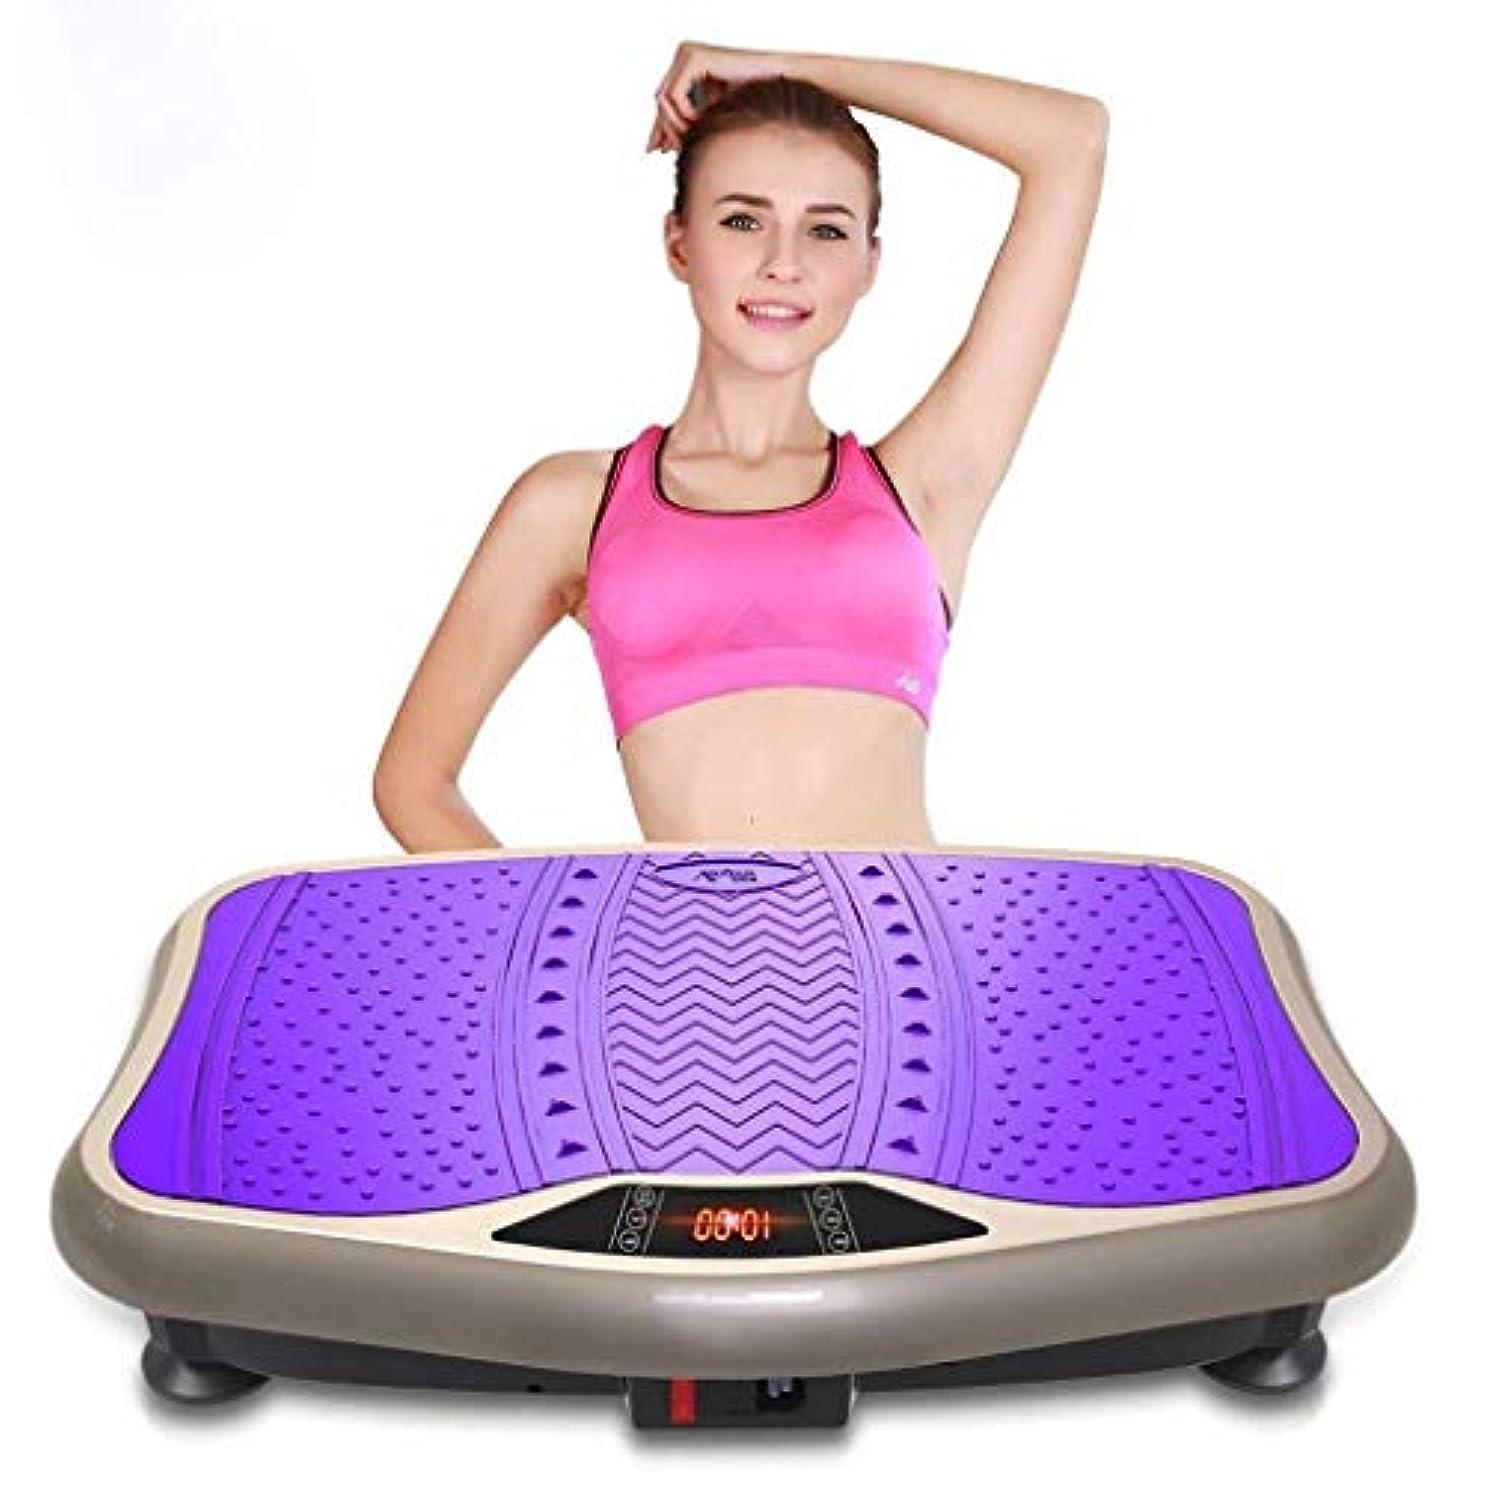 ヤング相反する幸運なことに減量装置、多機能フィットネス振動マシン、5モードボディシェークマッサージャー、体重を減らし、体型を整え、過剰な体脂肪を減らすことができます